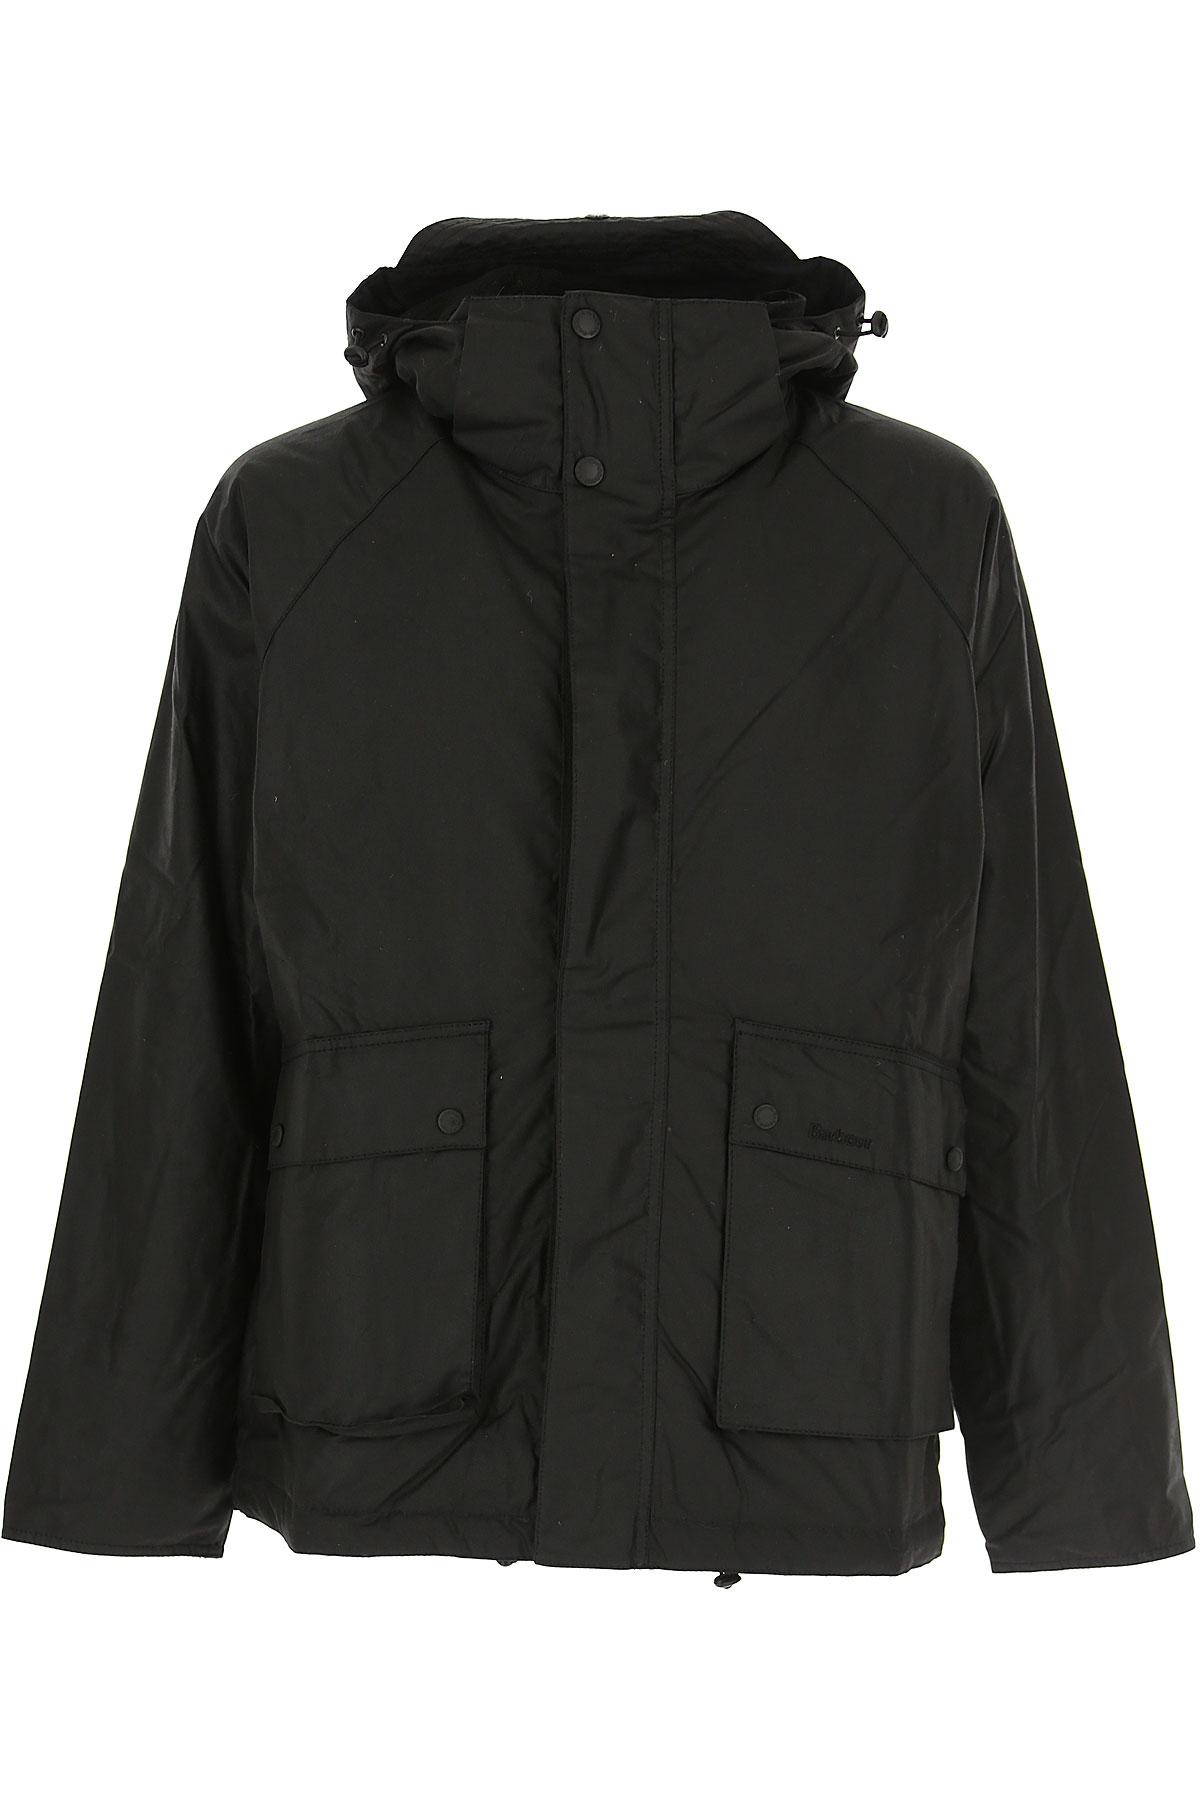 Barbour Jacket for Men On Sale, Black, Cotton, 2019, L M XL XXL